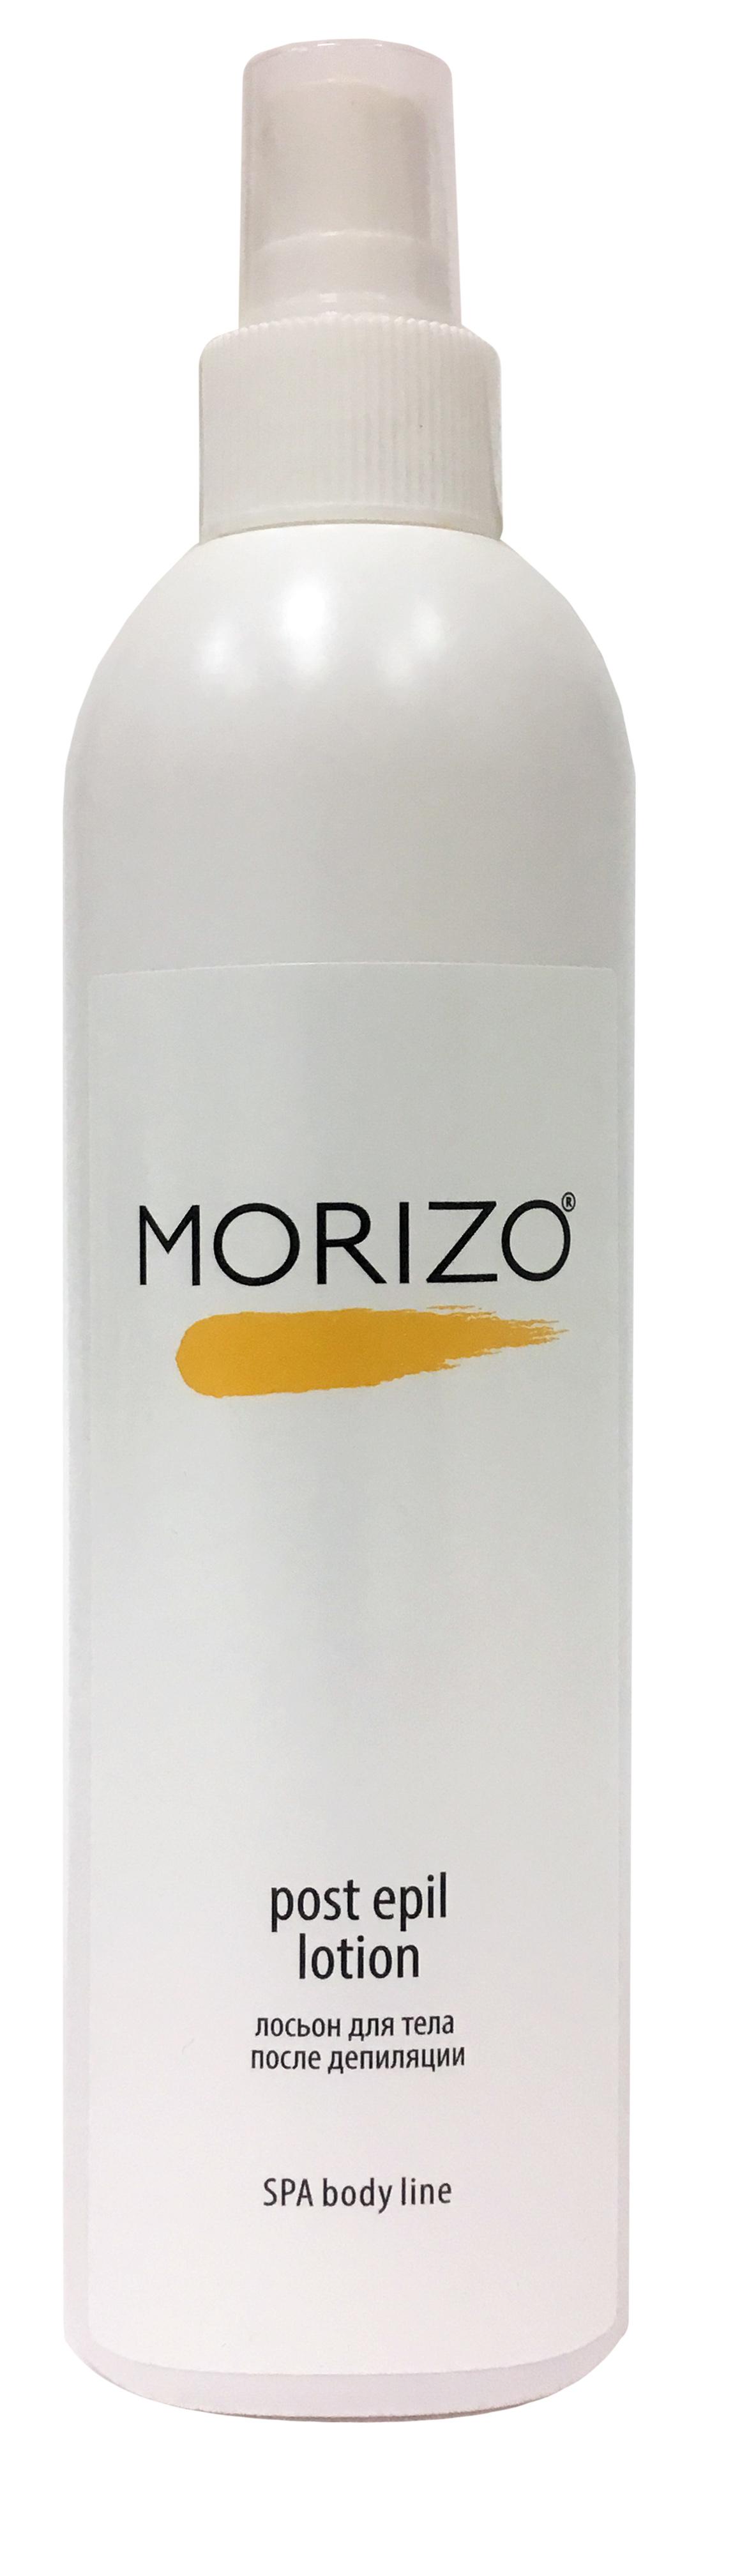 Morizo Лосьон для тела после депиляции, 300 млFS-00897Лосьон для тела с активными натуральными компонентами предназначен для очищения кожи и удаления остатков воска и пасты после депиляции. Экстракт ромашки аптечной и аллантоин, входящие в состав, успокаивают и снимают раздражение, восстанавливают, способствуют ускорению регенерации даже самой чувствительной кожи. Лосьон легко наносится и быстро впитывается благодаря специальному составу и легкой текстуре, дарит ощущение продолжительной гладкости, шелковистости и комфорта.